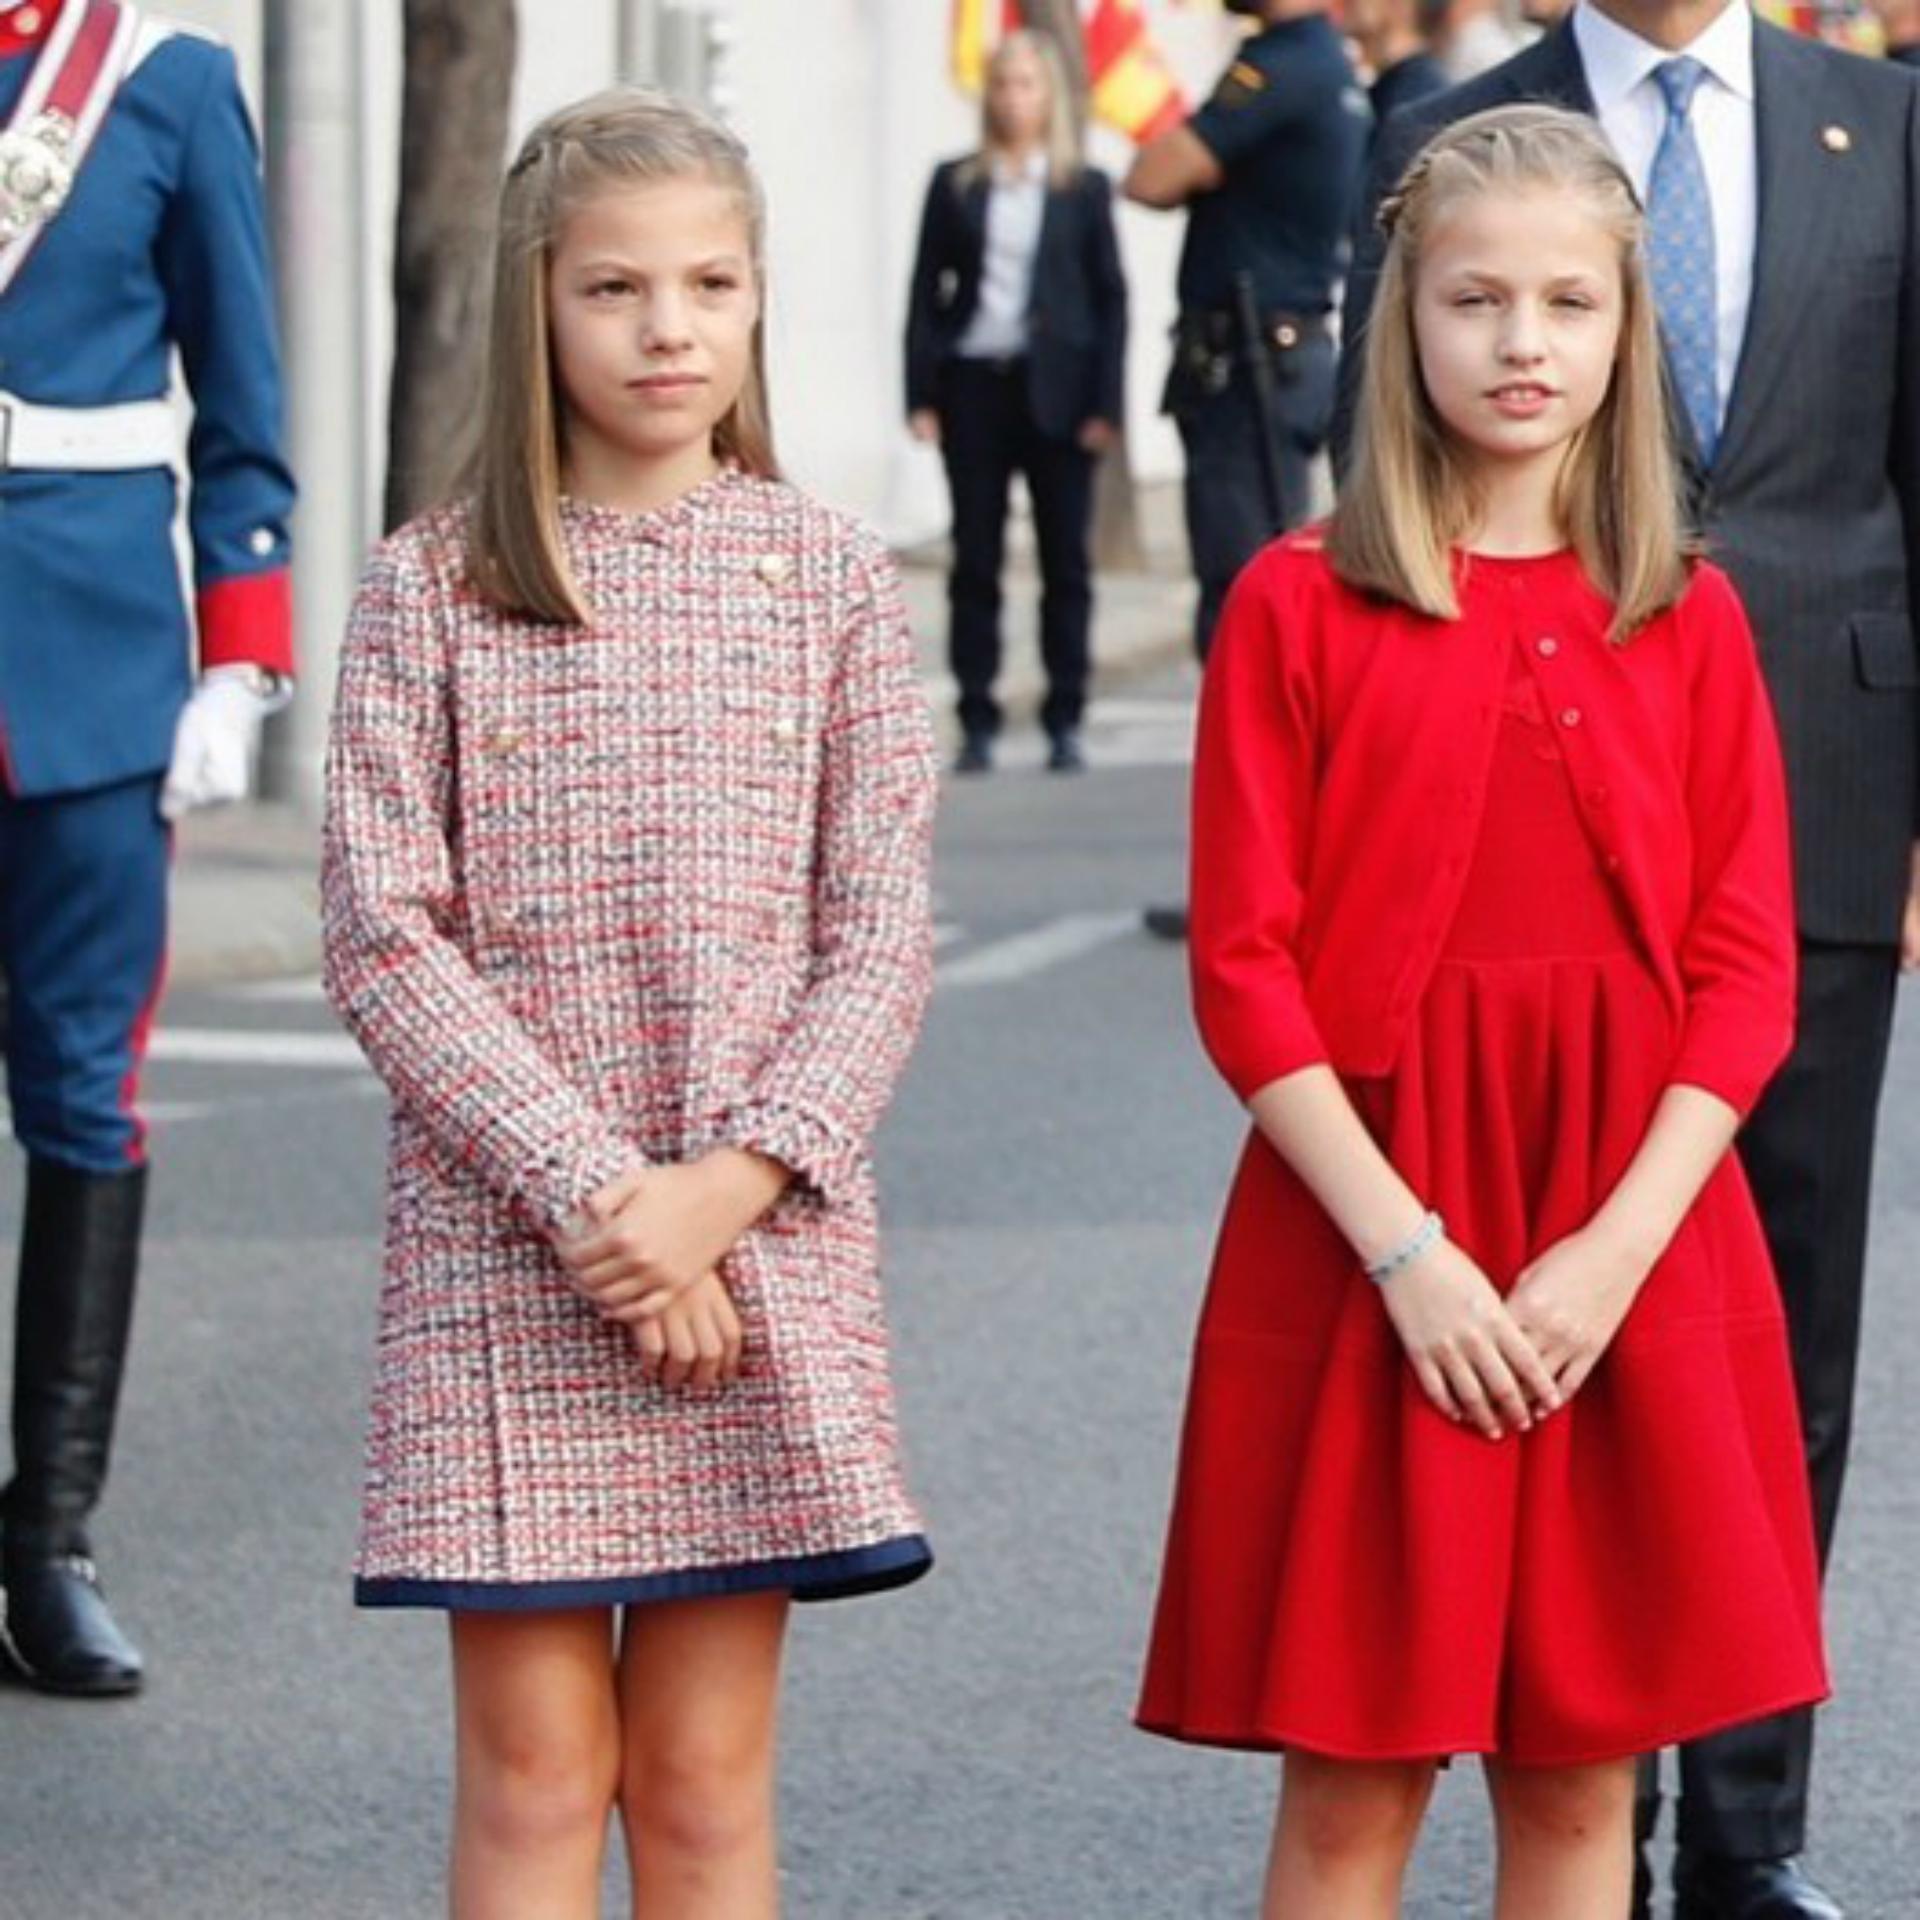 La princesa Leonor y la infanta Sofía. (Foto Instagram)